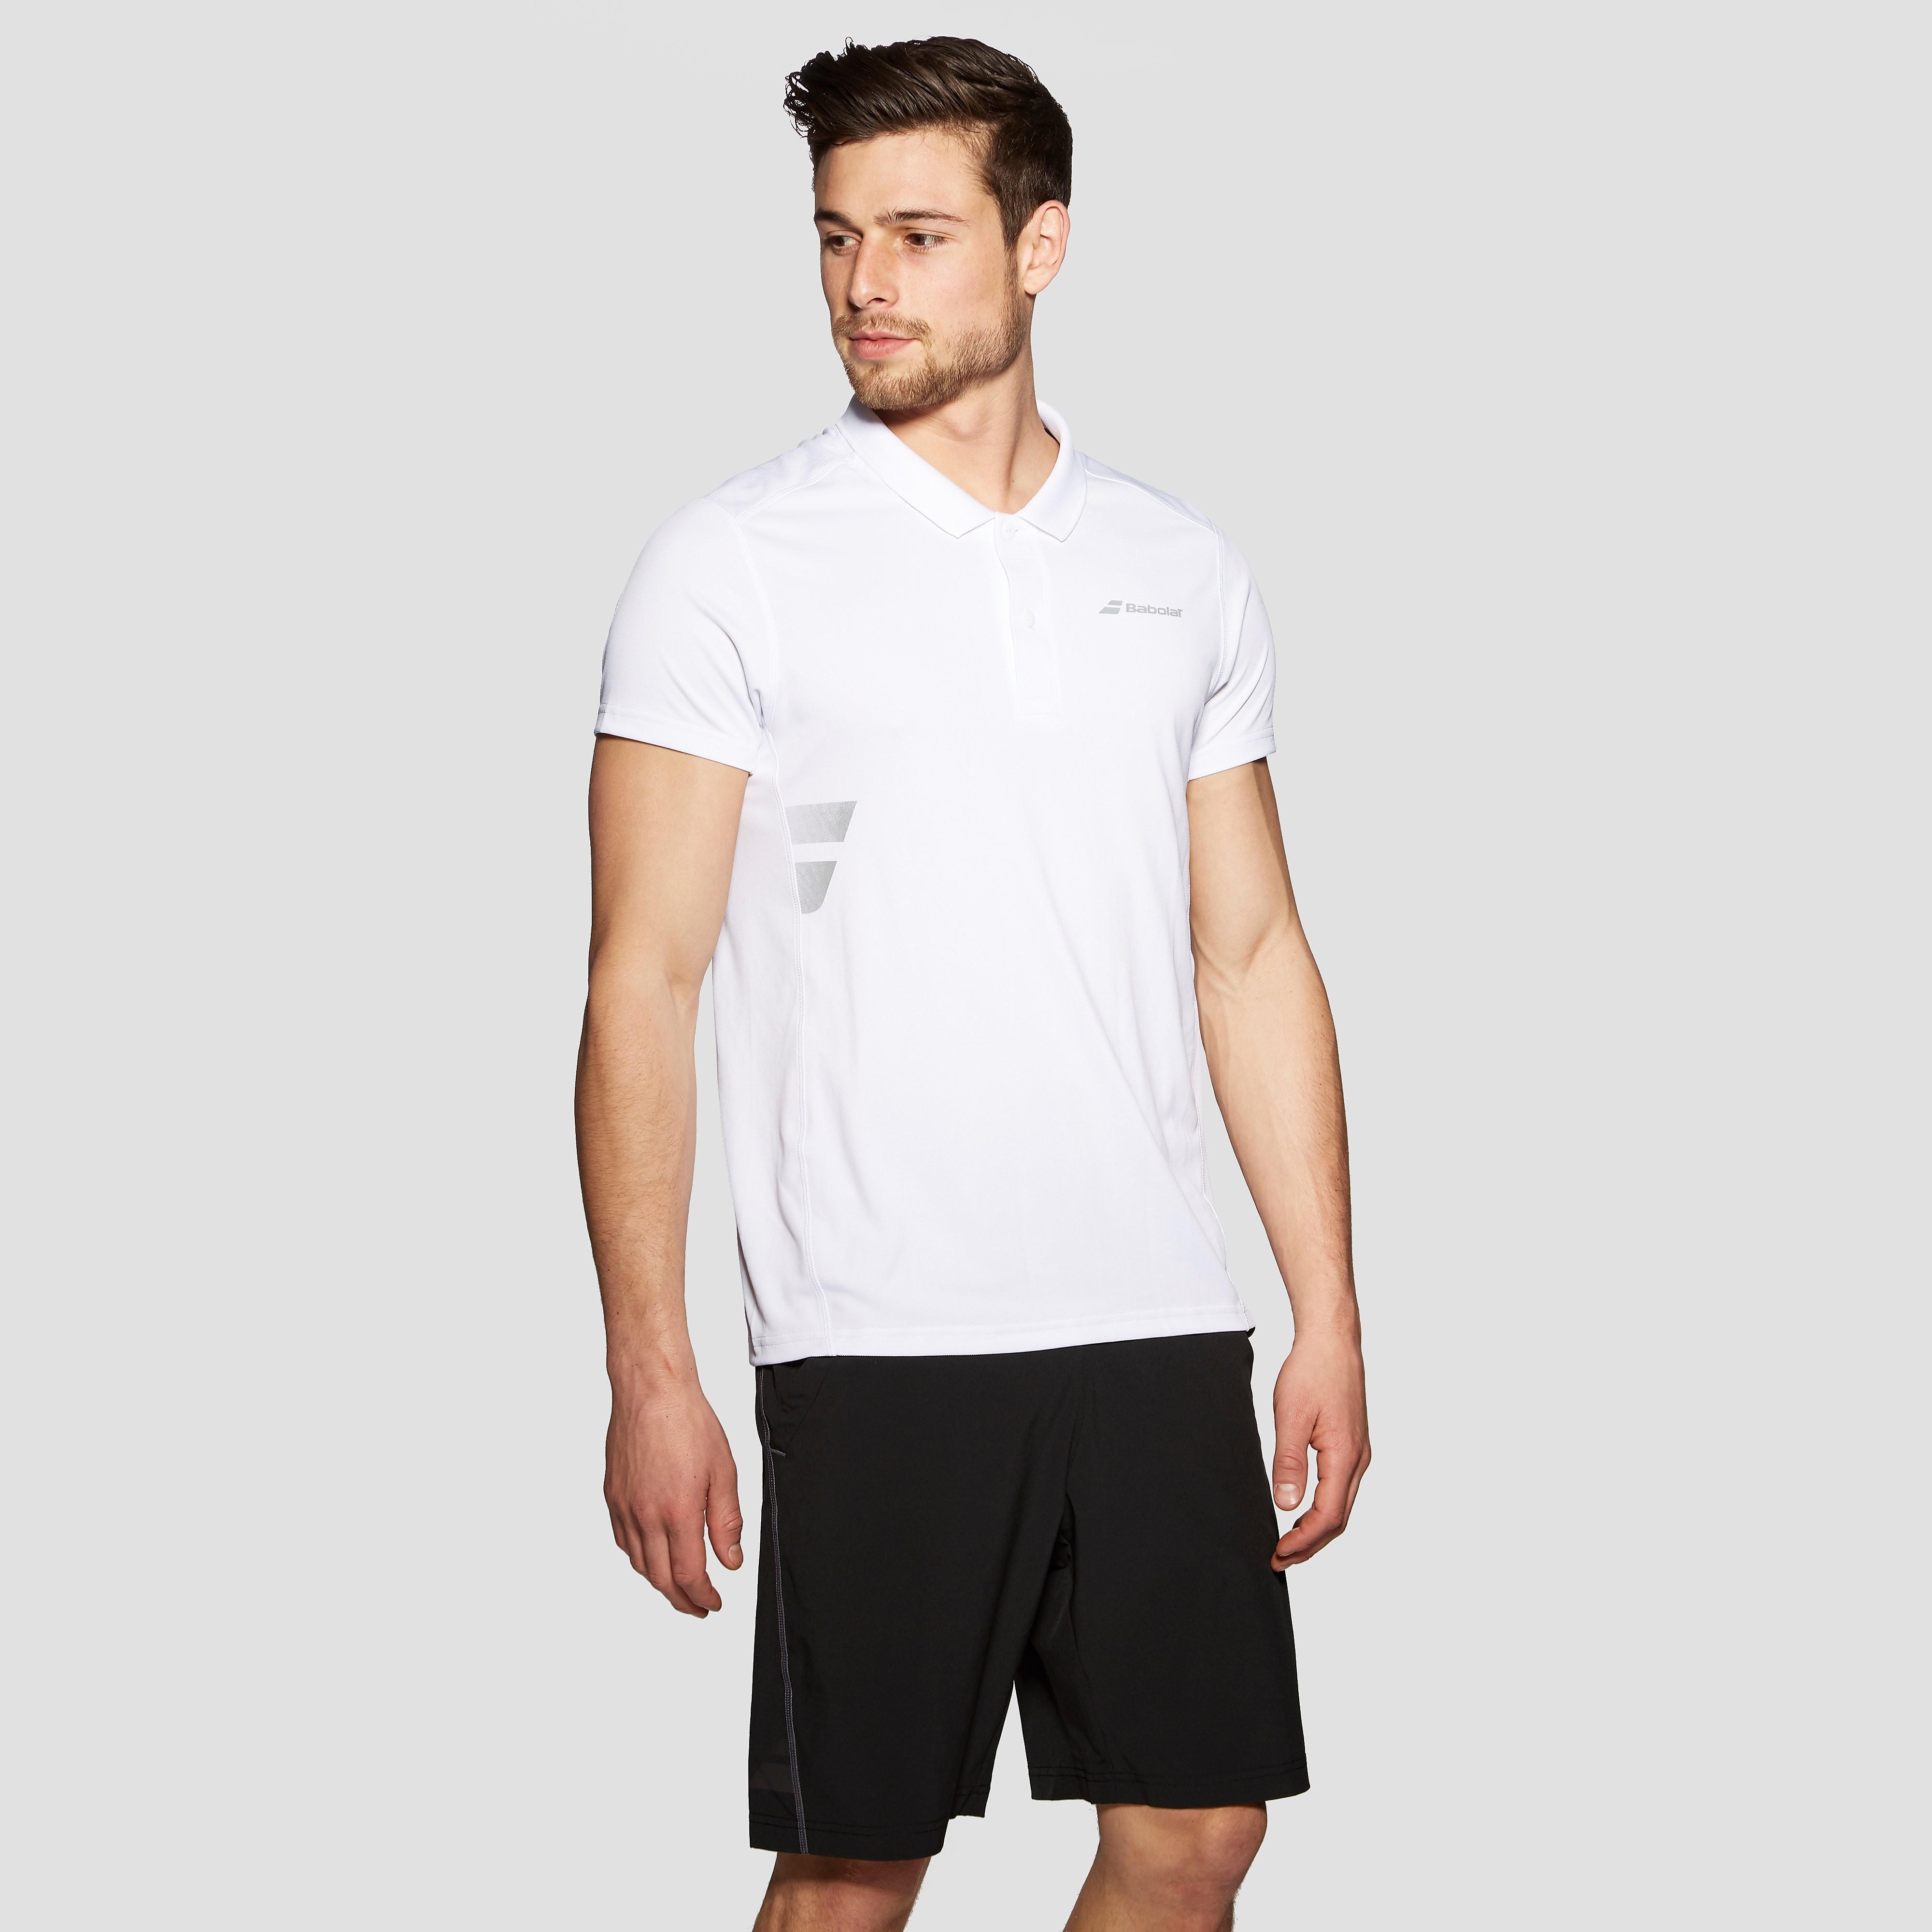 Babolat Core Poly Pique Polo Men's Tennis T-shirt